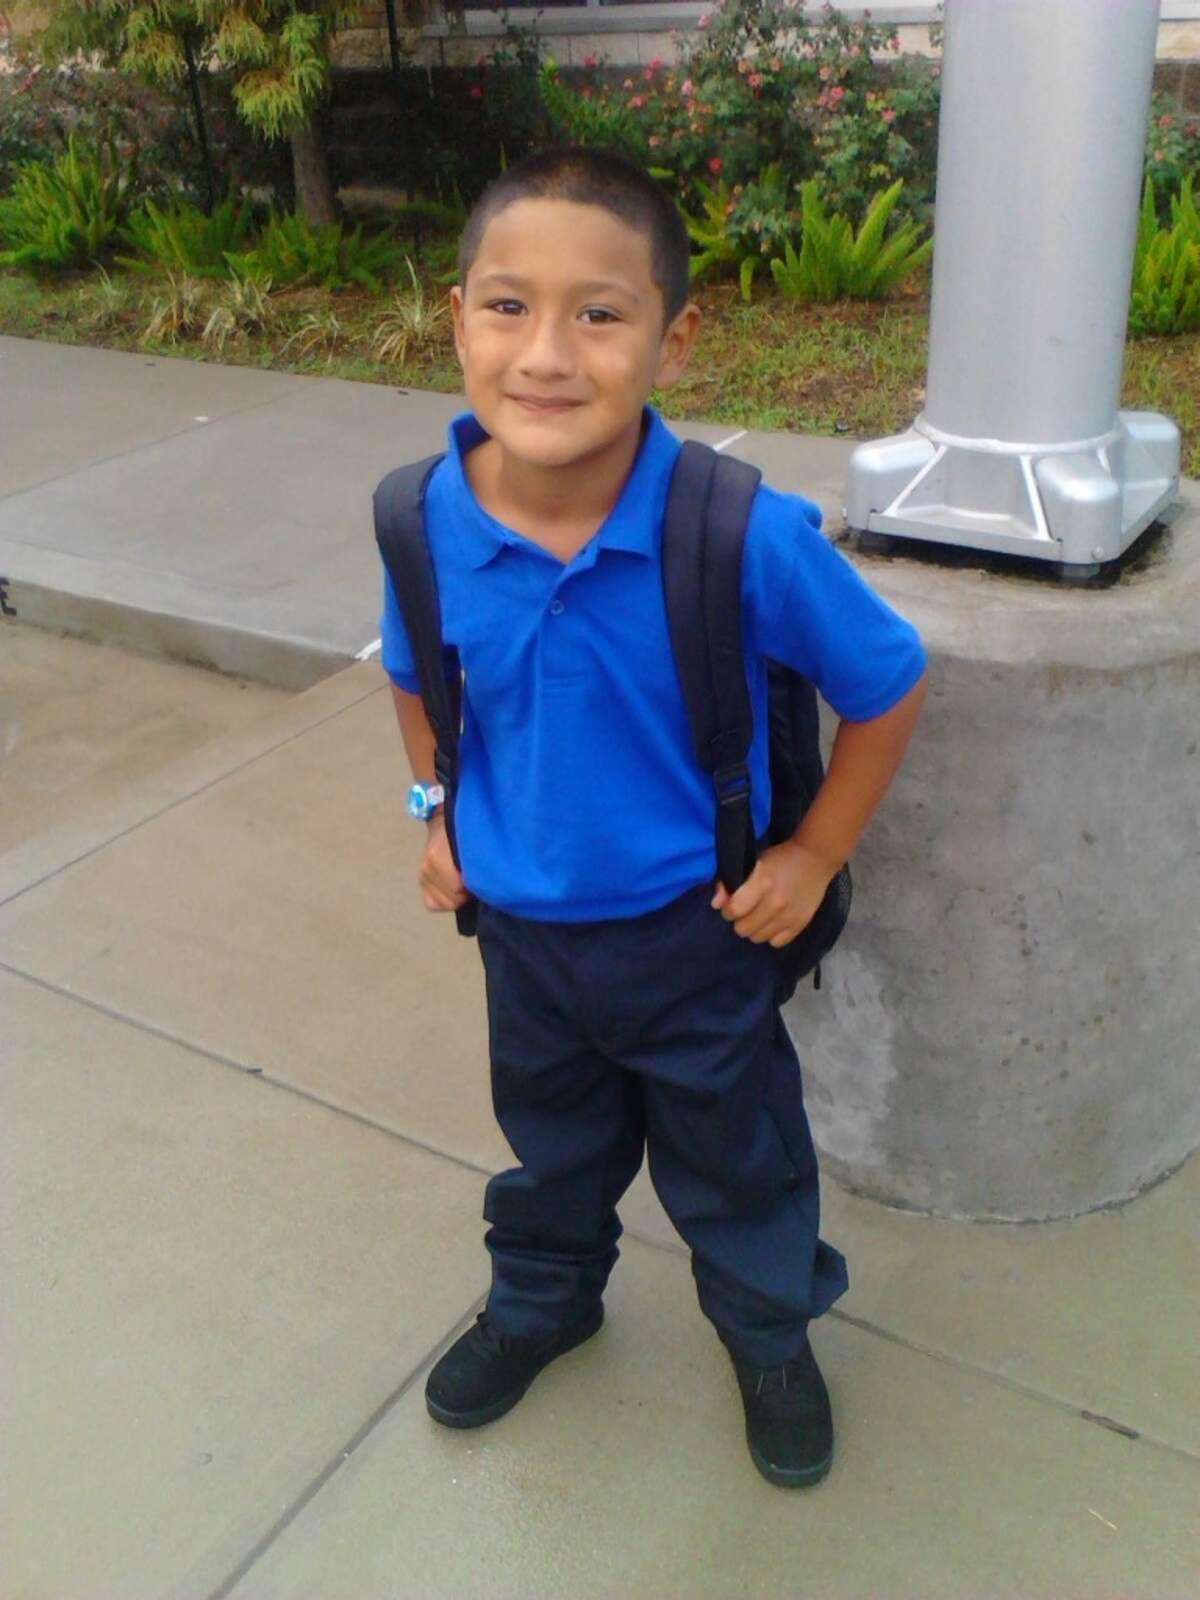 Javier Aguilar starts first grade at Almeda Elementary.